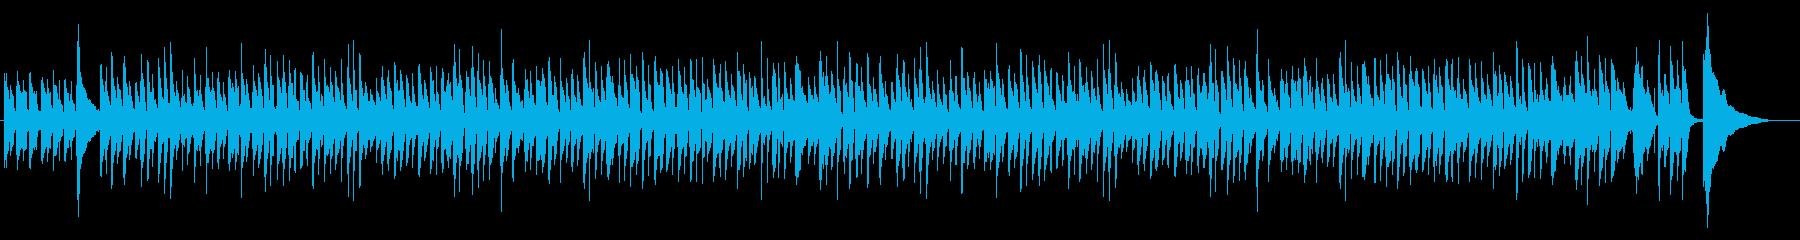 ウクレレの伝統的リスマスタイムソングの再生済みの波形